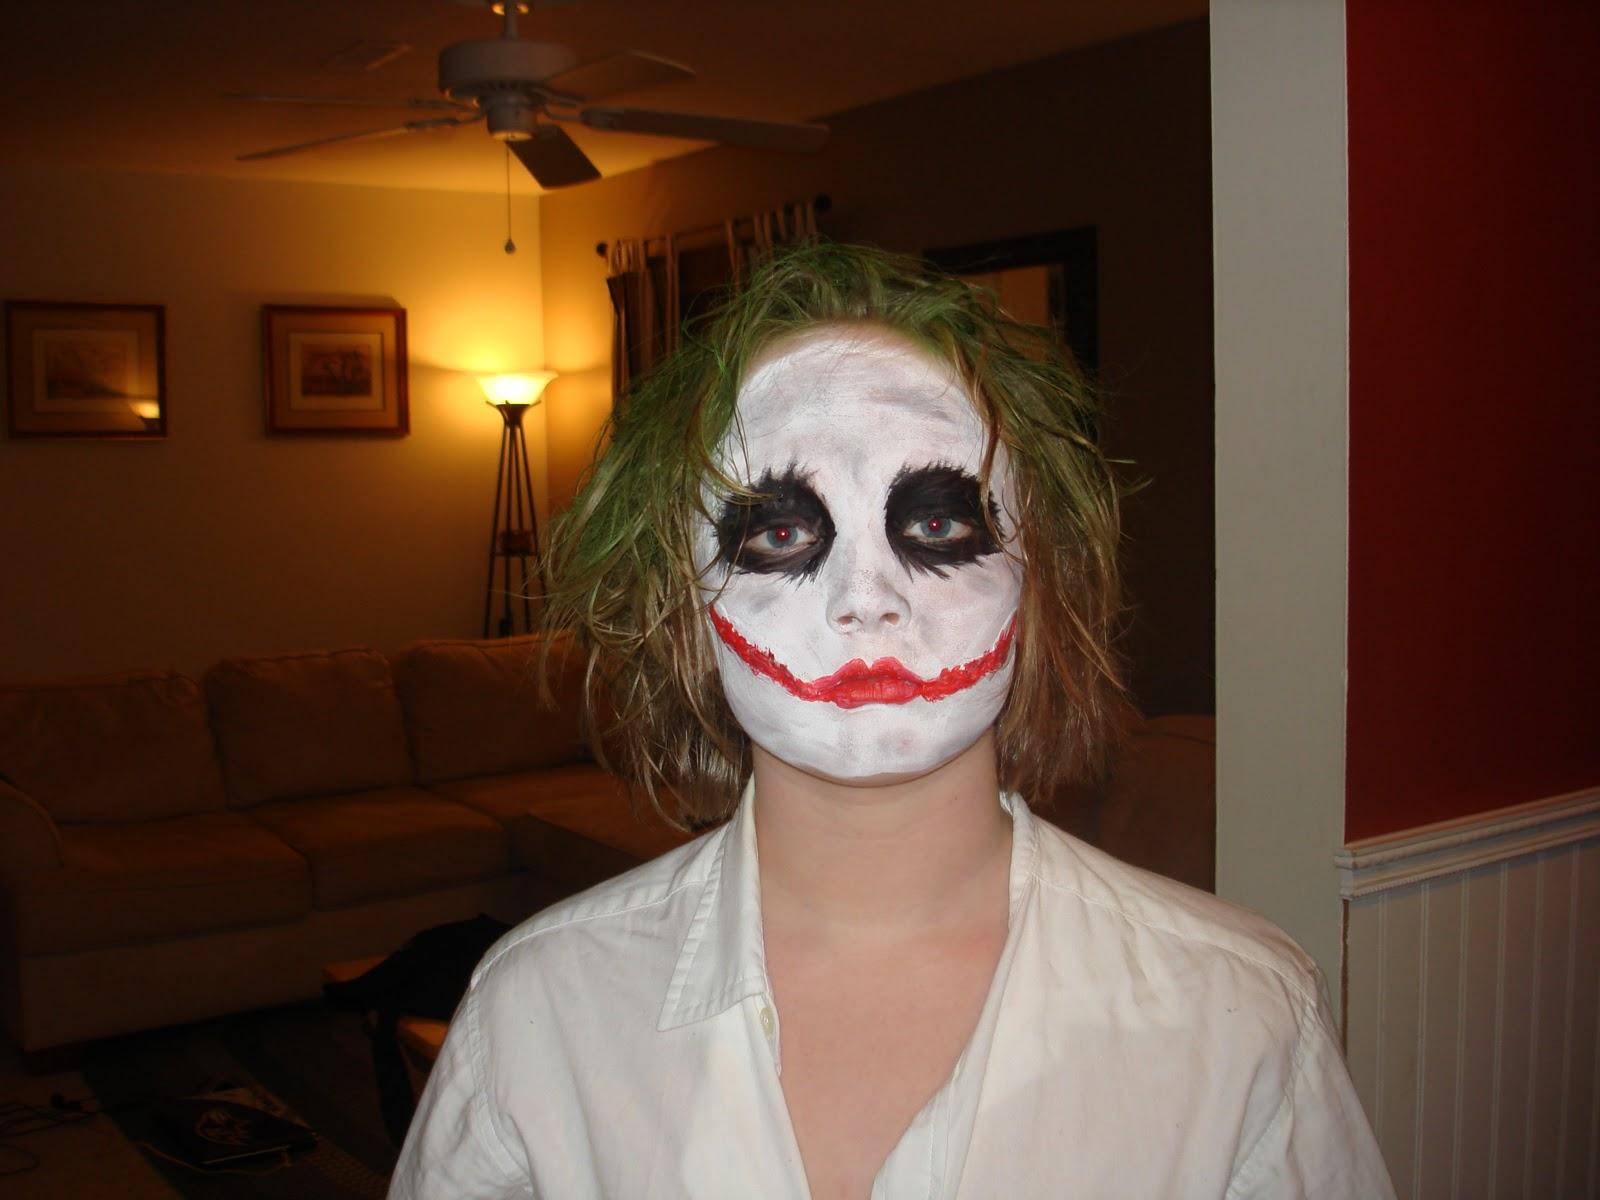 http://4.bp.blogspot.com/--2ASv0ze_Vg/TrIhnVUWxmI/AAAAAAAAA7Q/hWZSDeF4CbA/s1600/Joker%2BHalloween.JPG